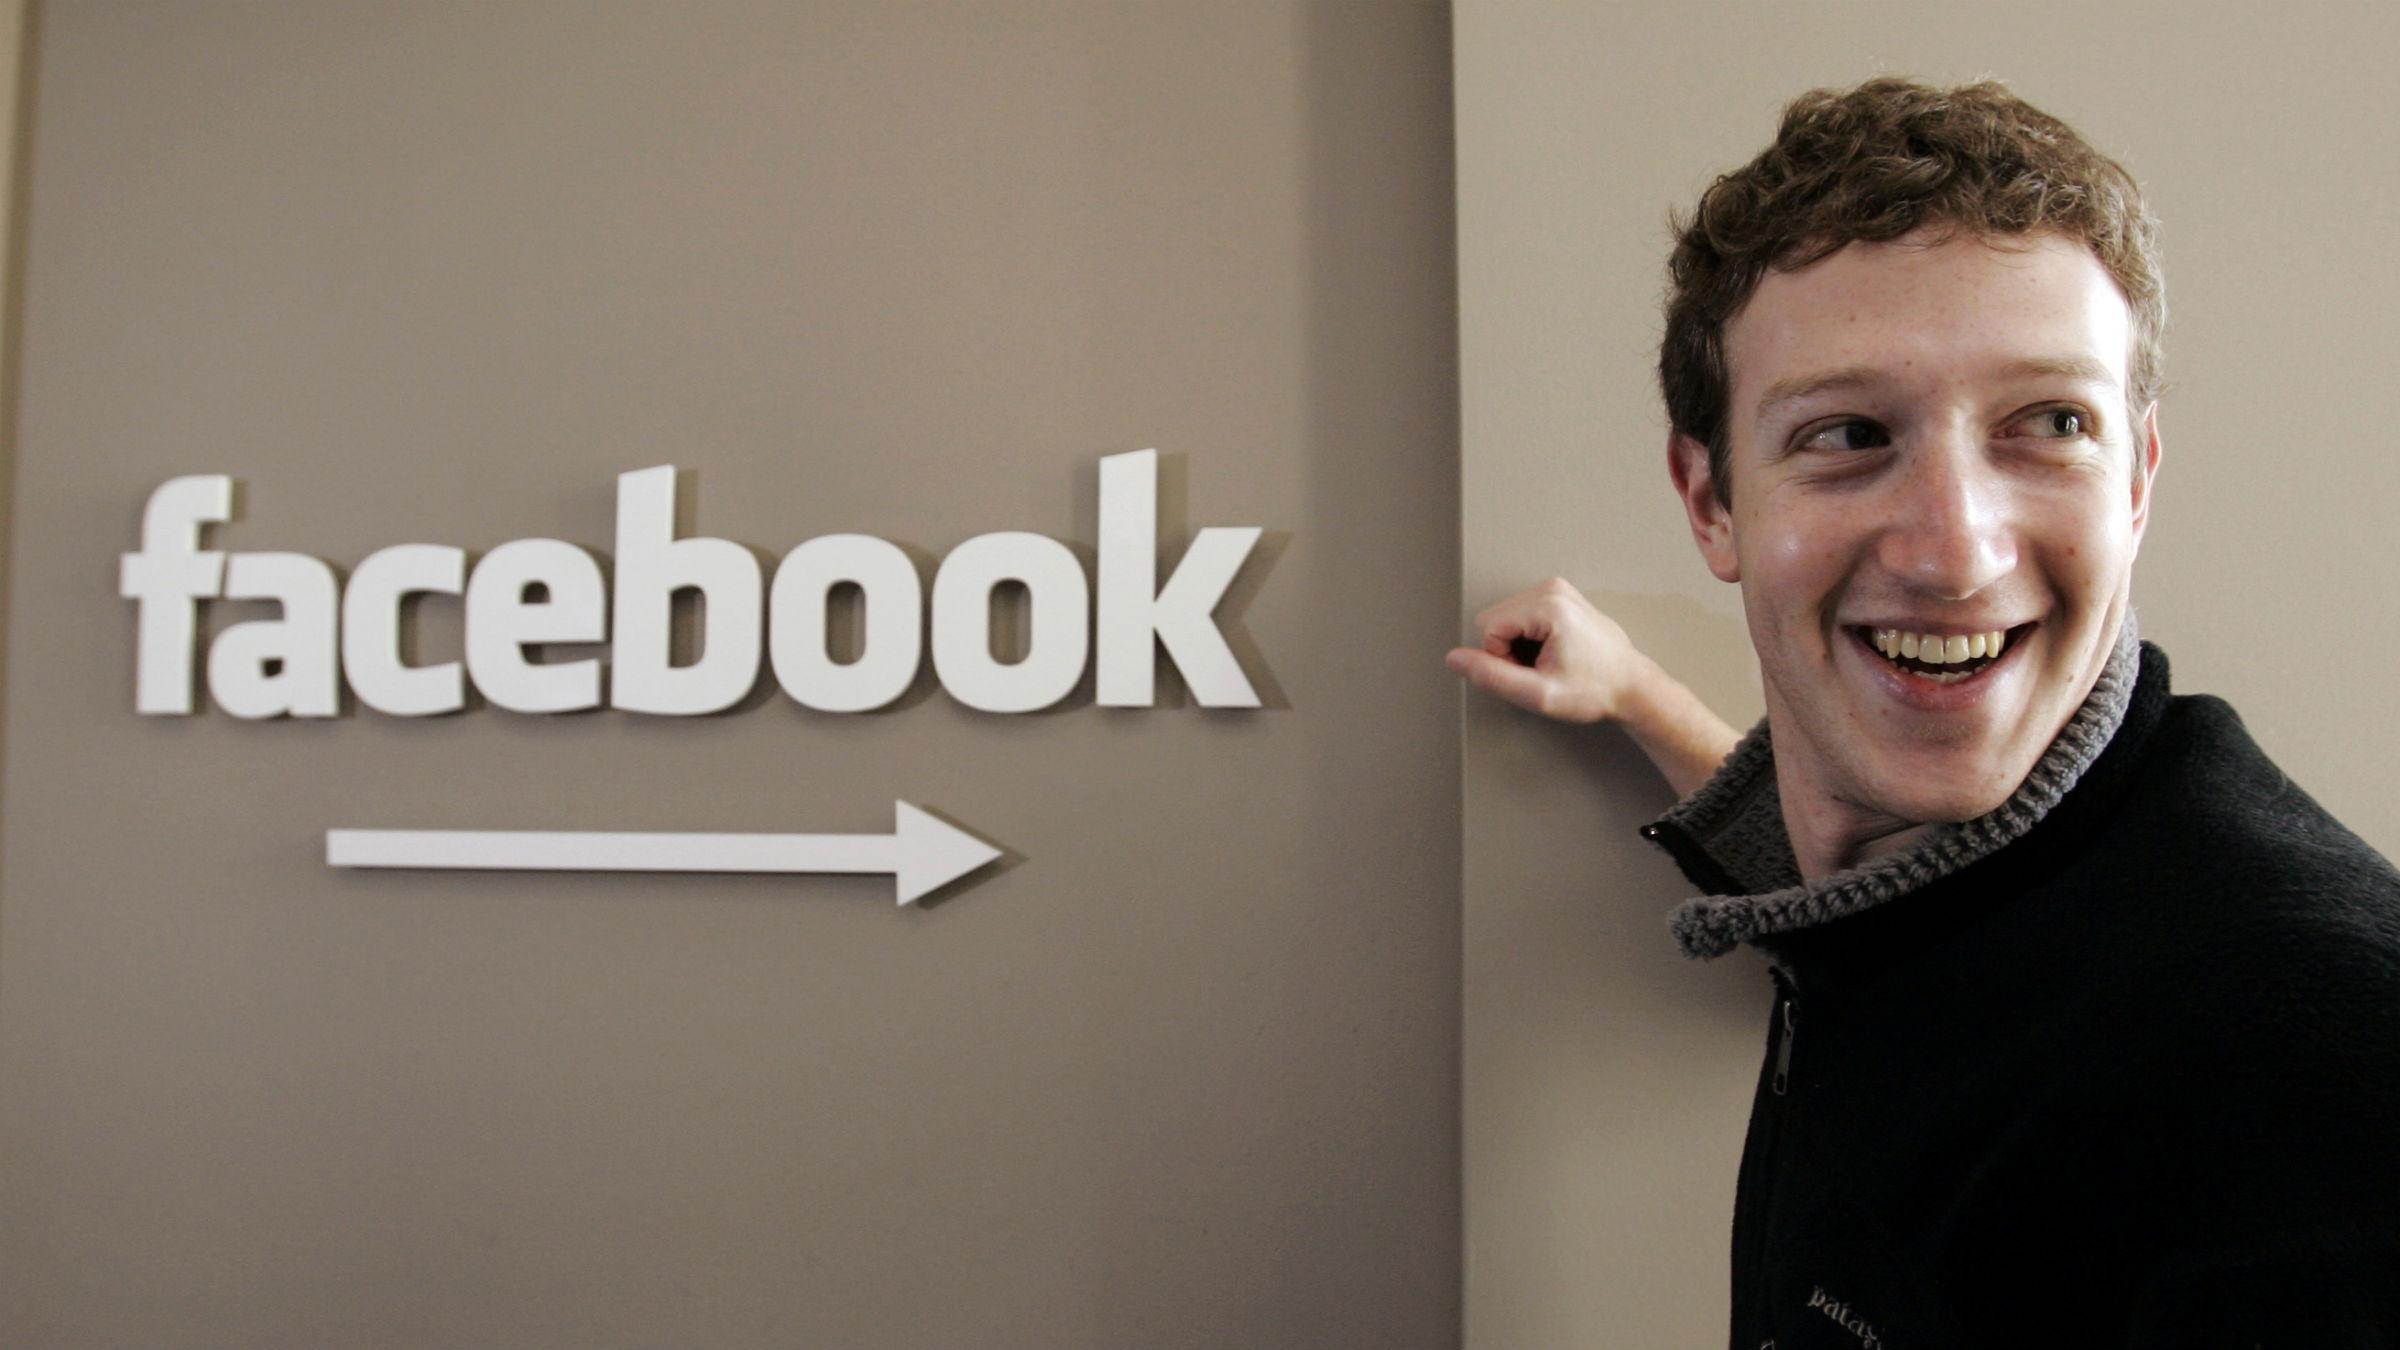 Mark Zuckerberg standing in front of Facebook sign